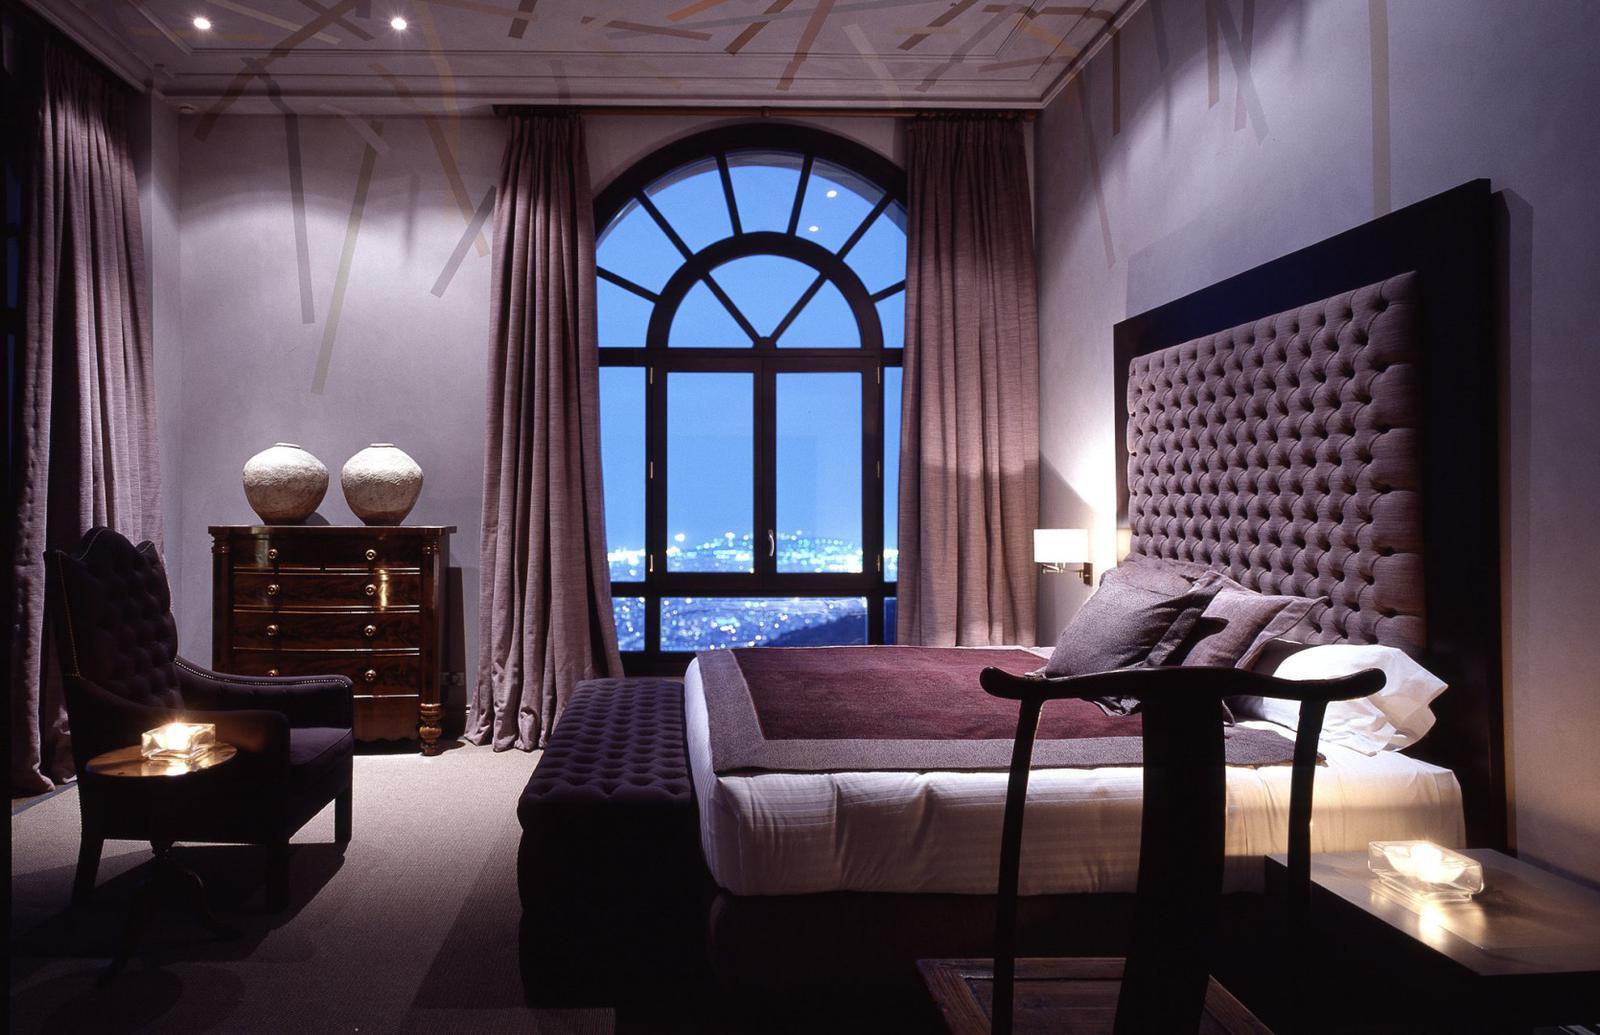 Descubre 5 hoteles de lujo baratos en espa a Hotel lujo sierra madrid